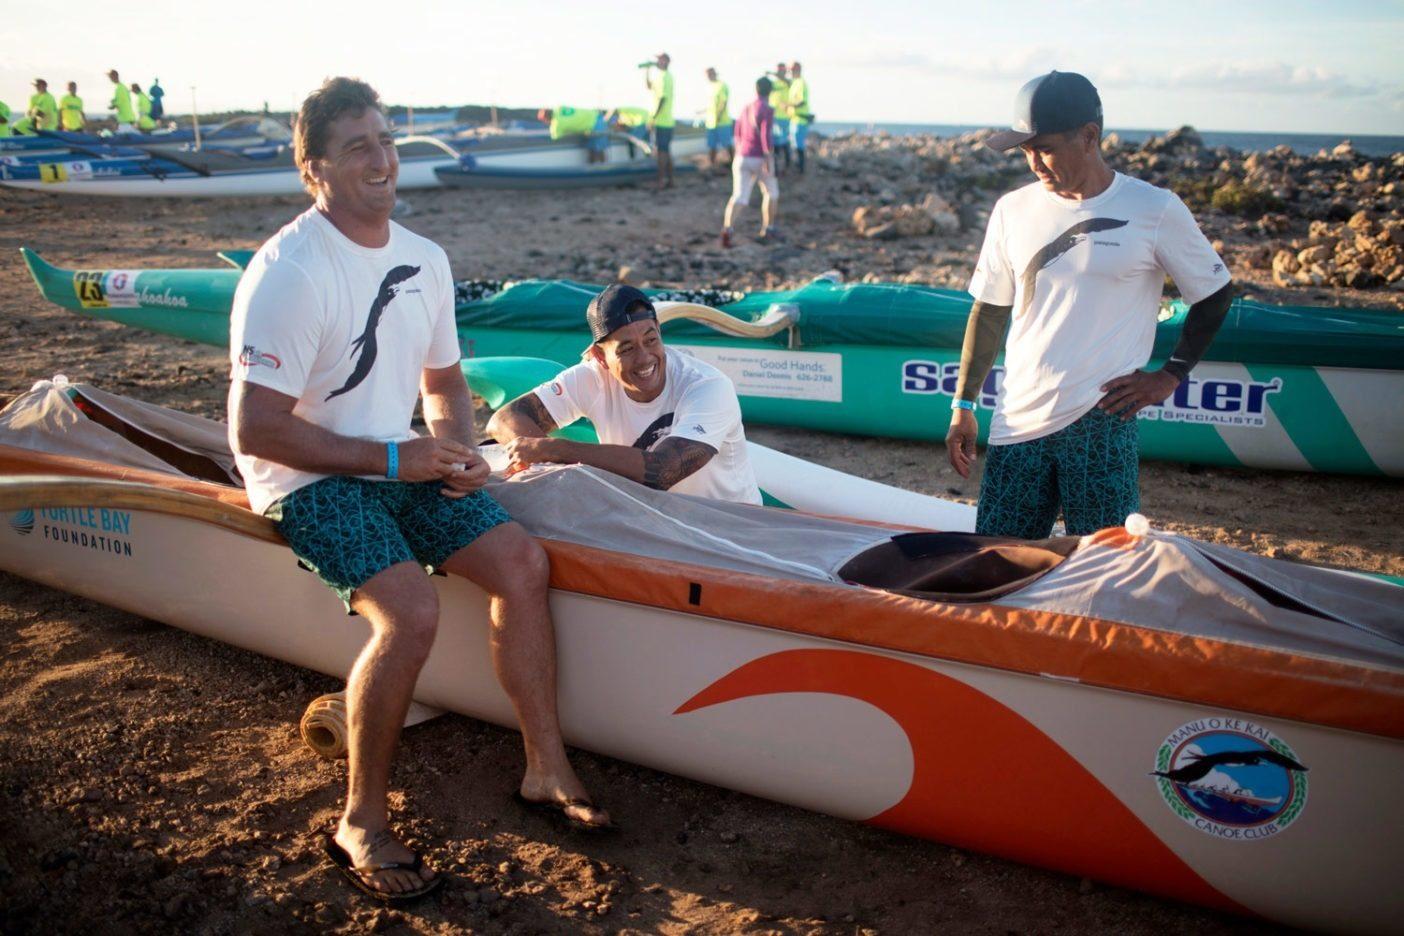 「僕らはふざけてばかりいるけど」と語るウィルキンソン。「その笑顔にはだまされない方がいい。オレンジ色のカヌーが近くに見えたら、戦いの覚悟が必要だぜ」 Photo: Tim Davis